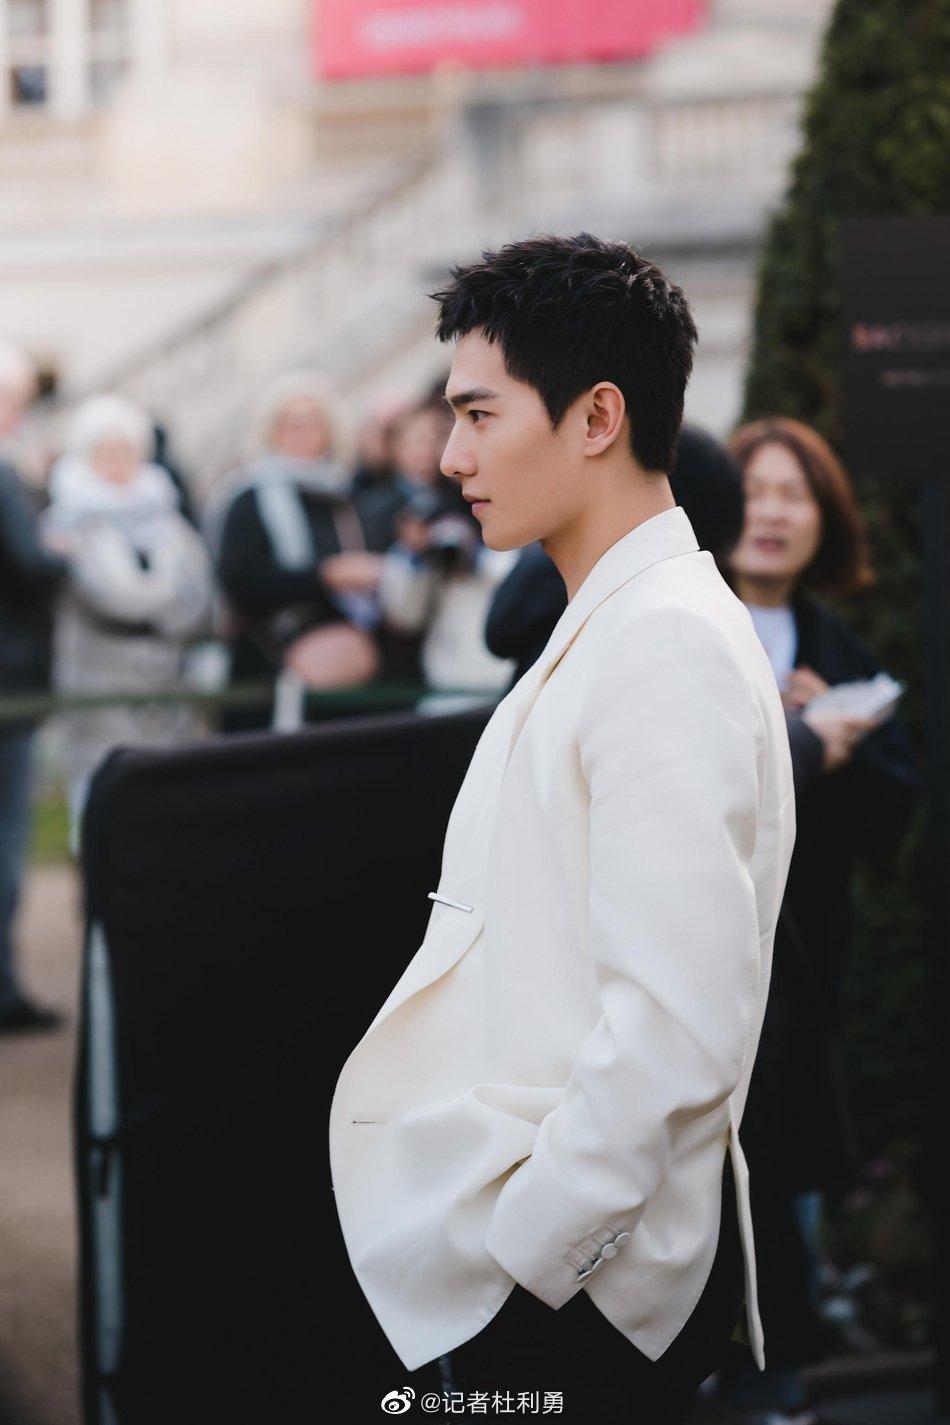 杨洋亮相巴黎男装周 穿白色真空西装性感不羁